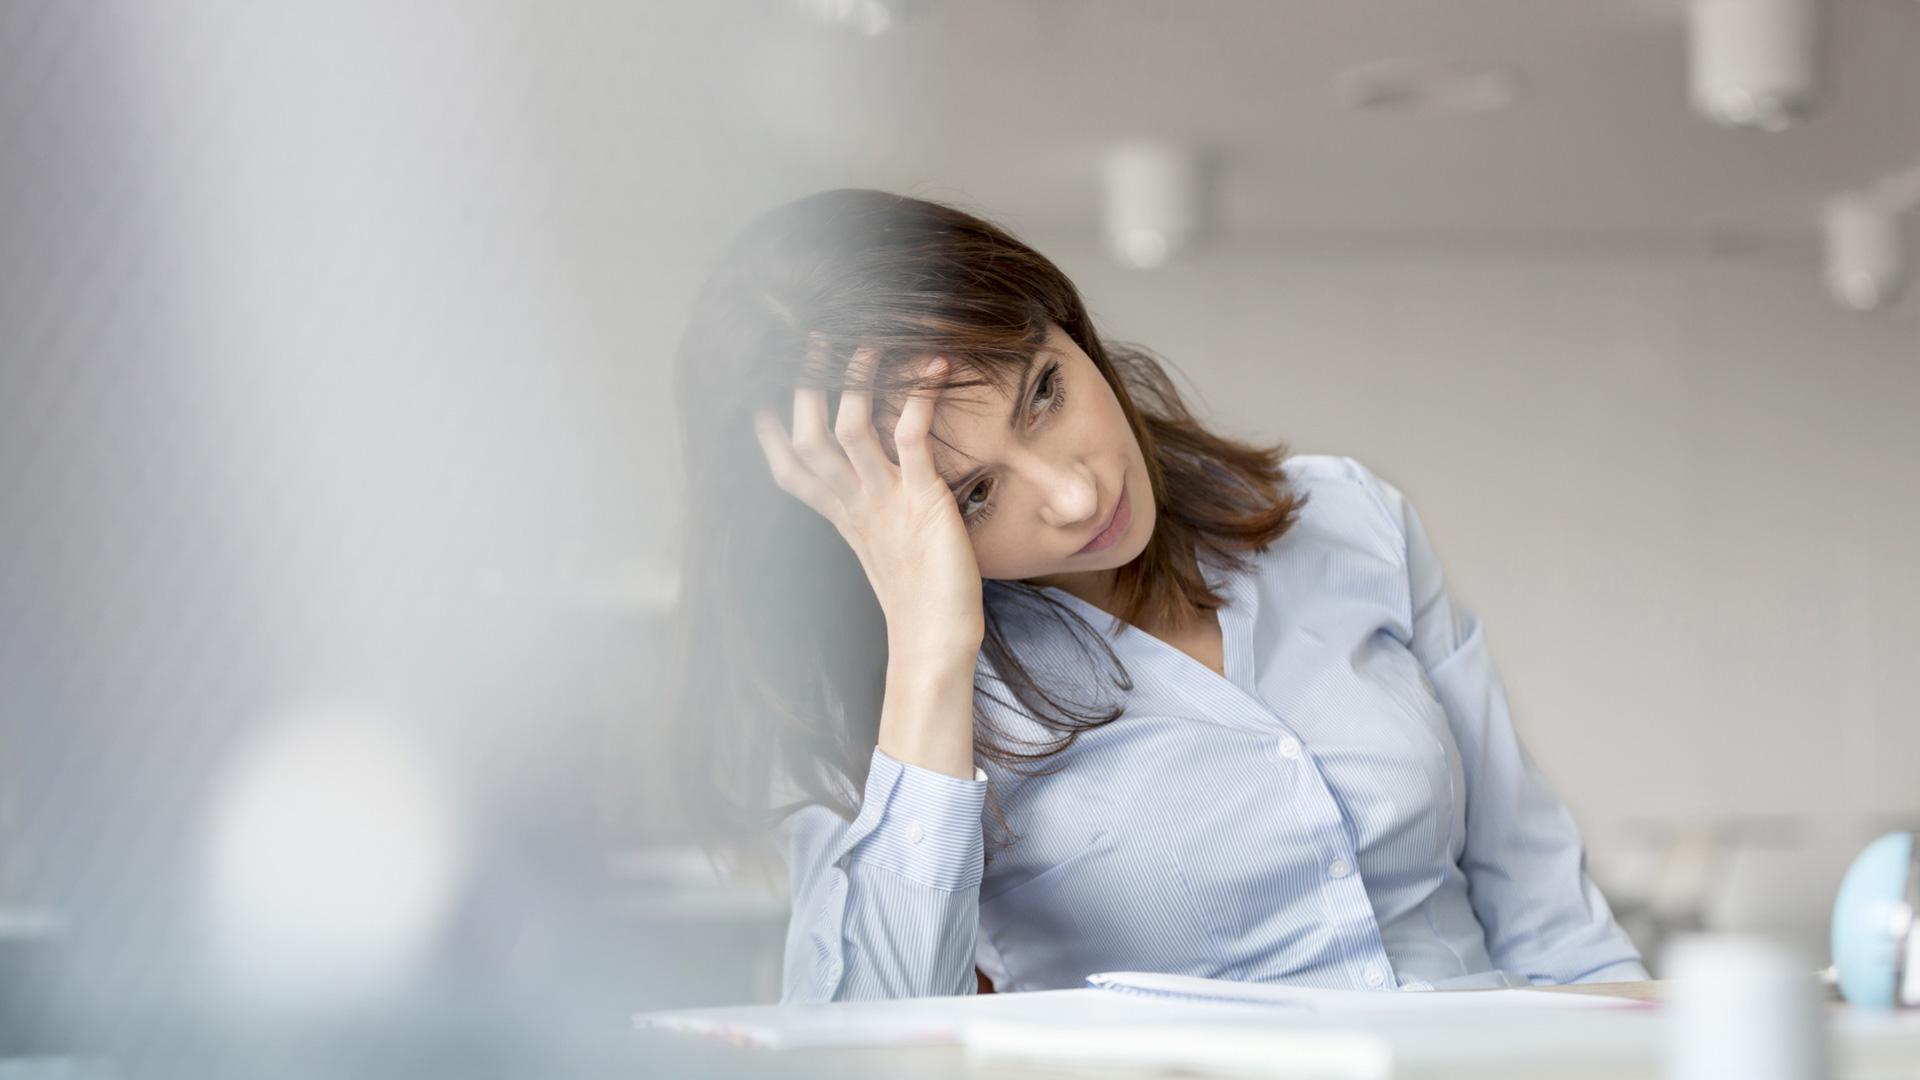 Депрессия и тревожные расстройства стоят миру бешеных денег